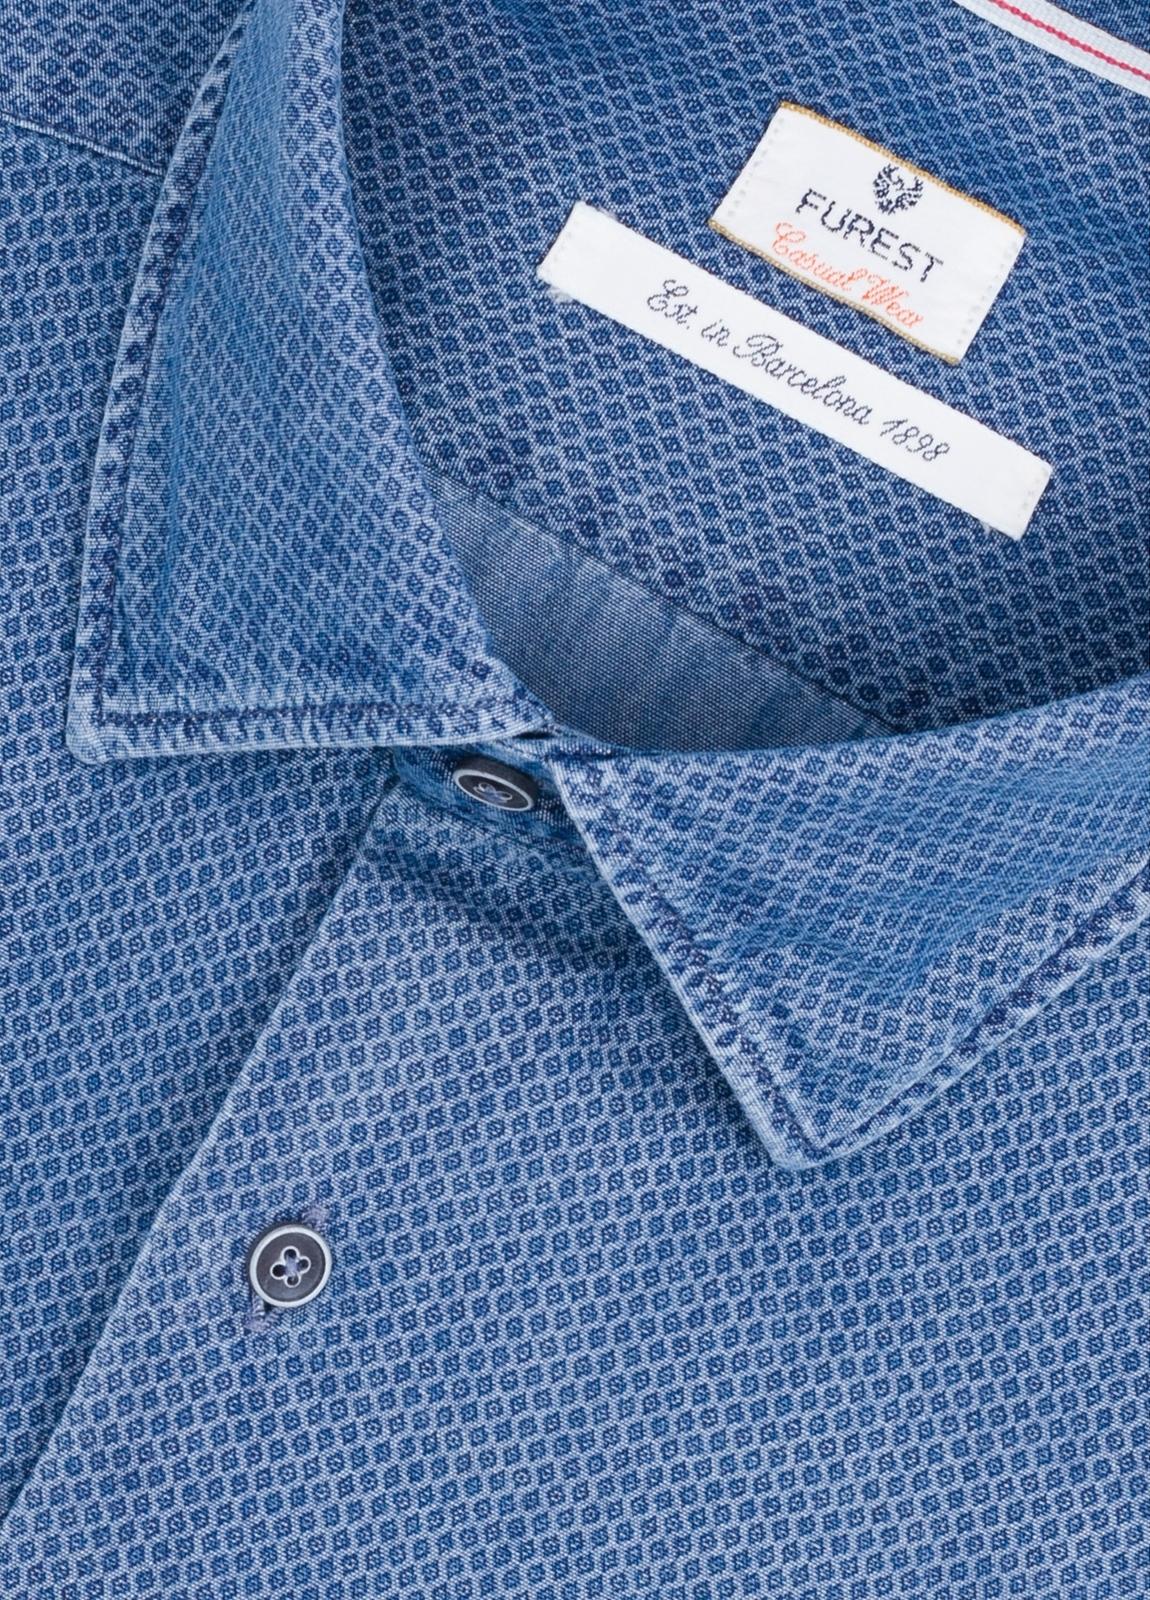 Camisa Casual Wear SLIM FIT Modelo PORTO microdibujo color azul denim. 100% Algodón. - Ítem1